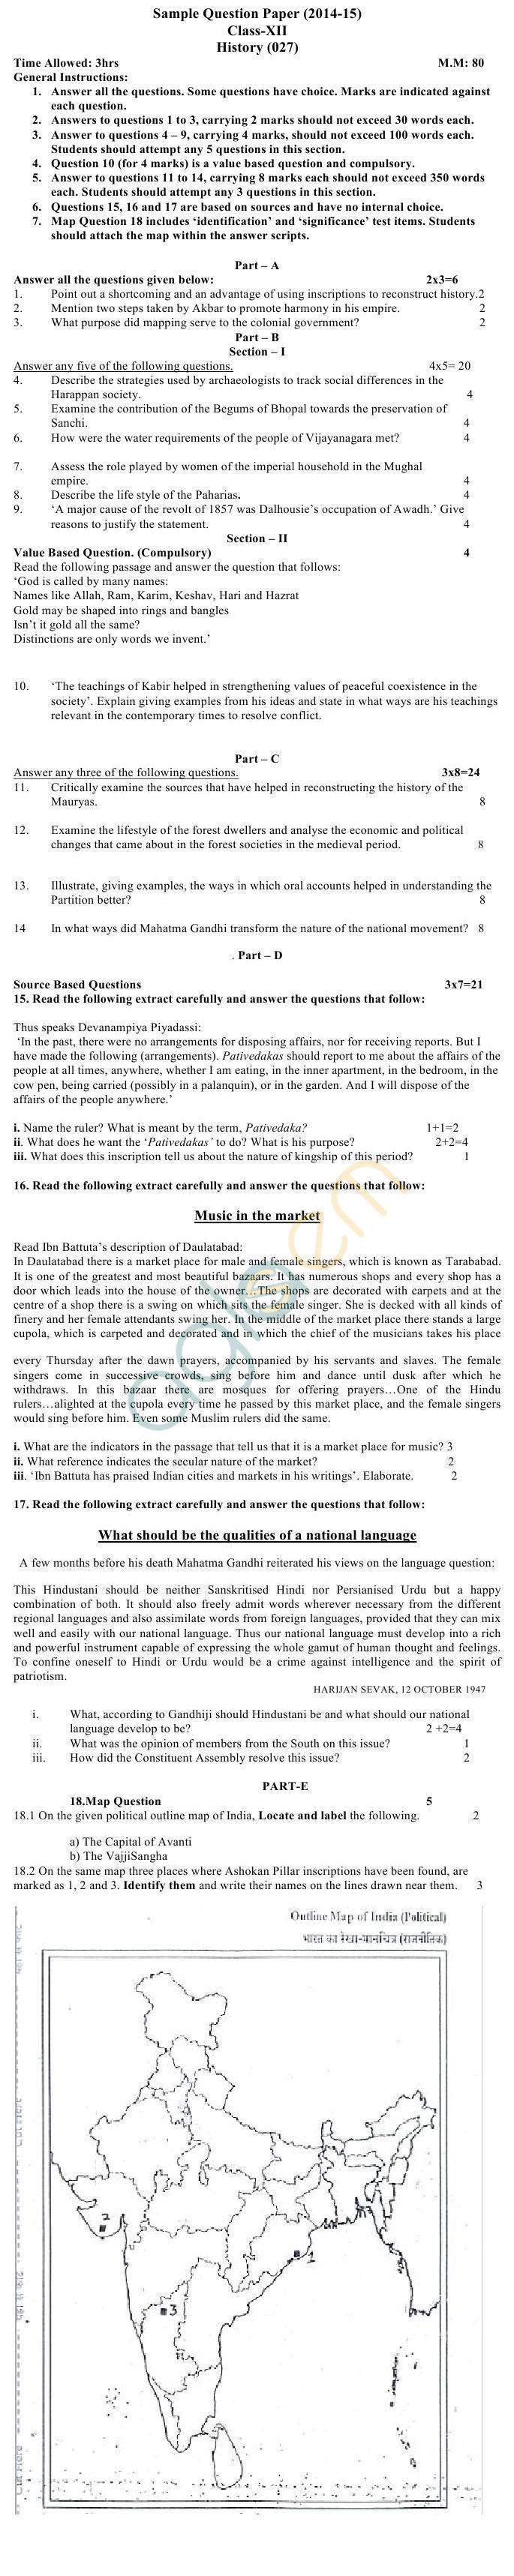 Fair phyllis john farmer analysis essay